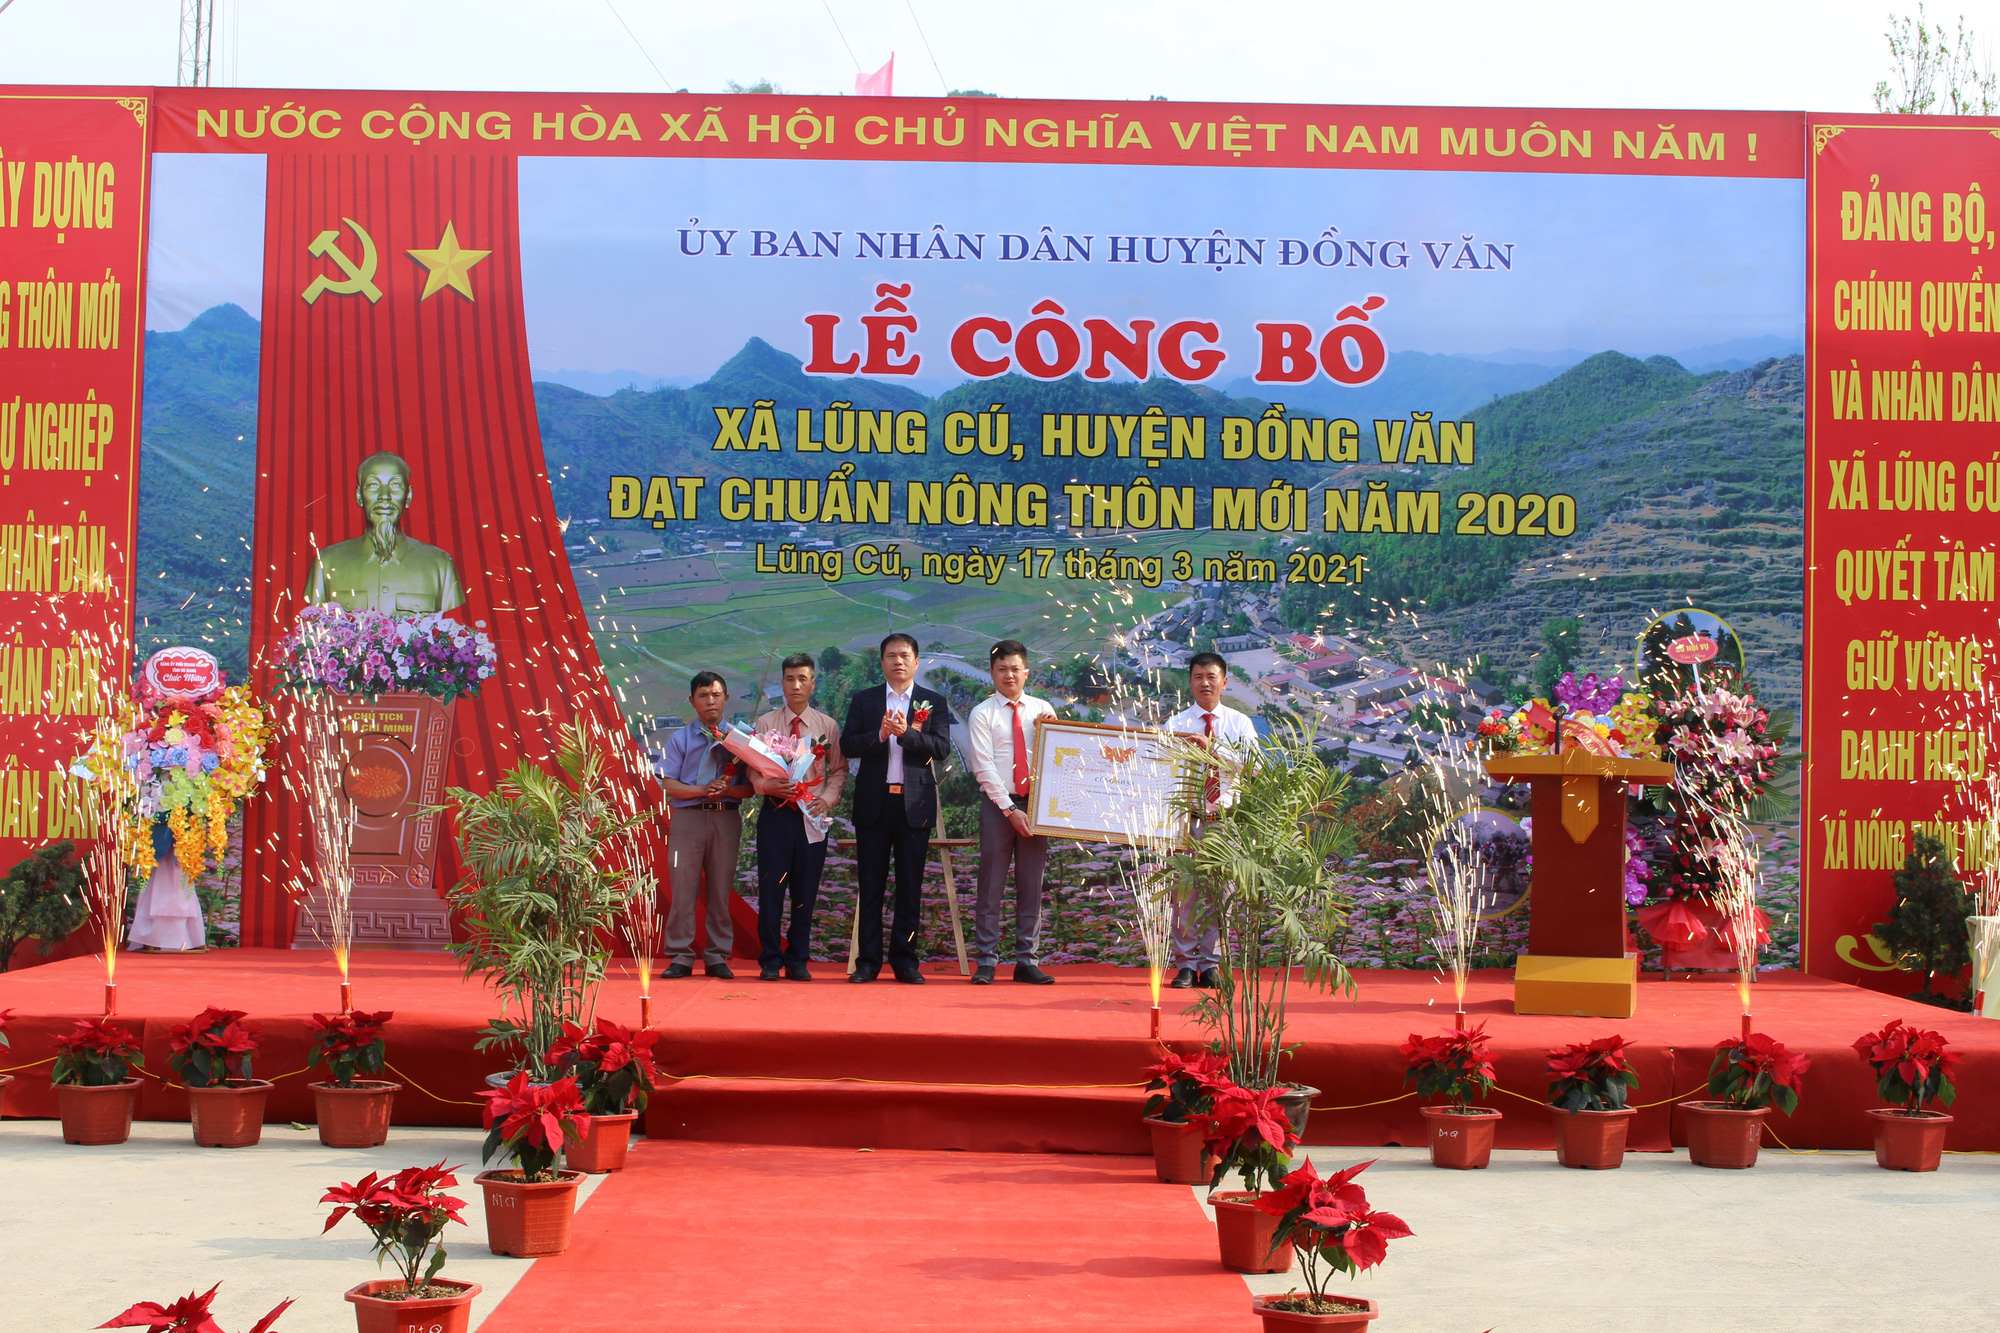 Hà Giang: Xã Lũng Cú đạt chuẩn Nông thôn mới - Ảnh 1.